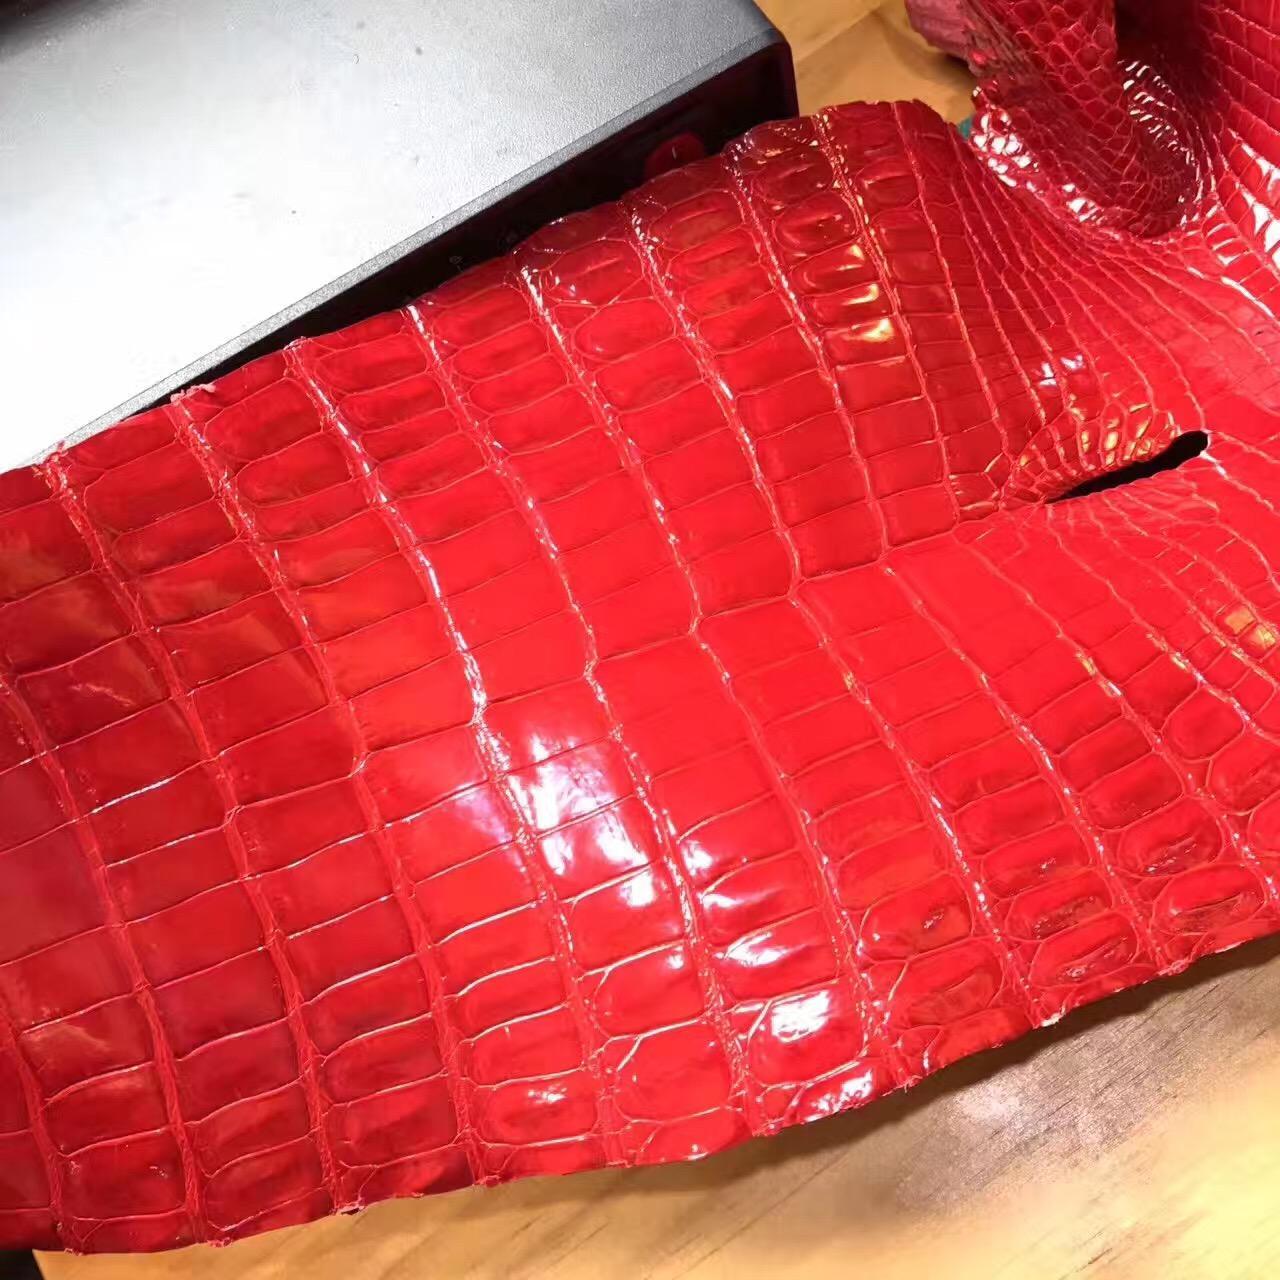 新鮮愛馬仕光面鱷魚皮 皮料 CK95 Rouge Braise 法拉利紅 鱷魚皮